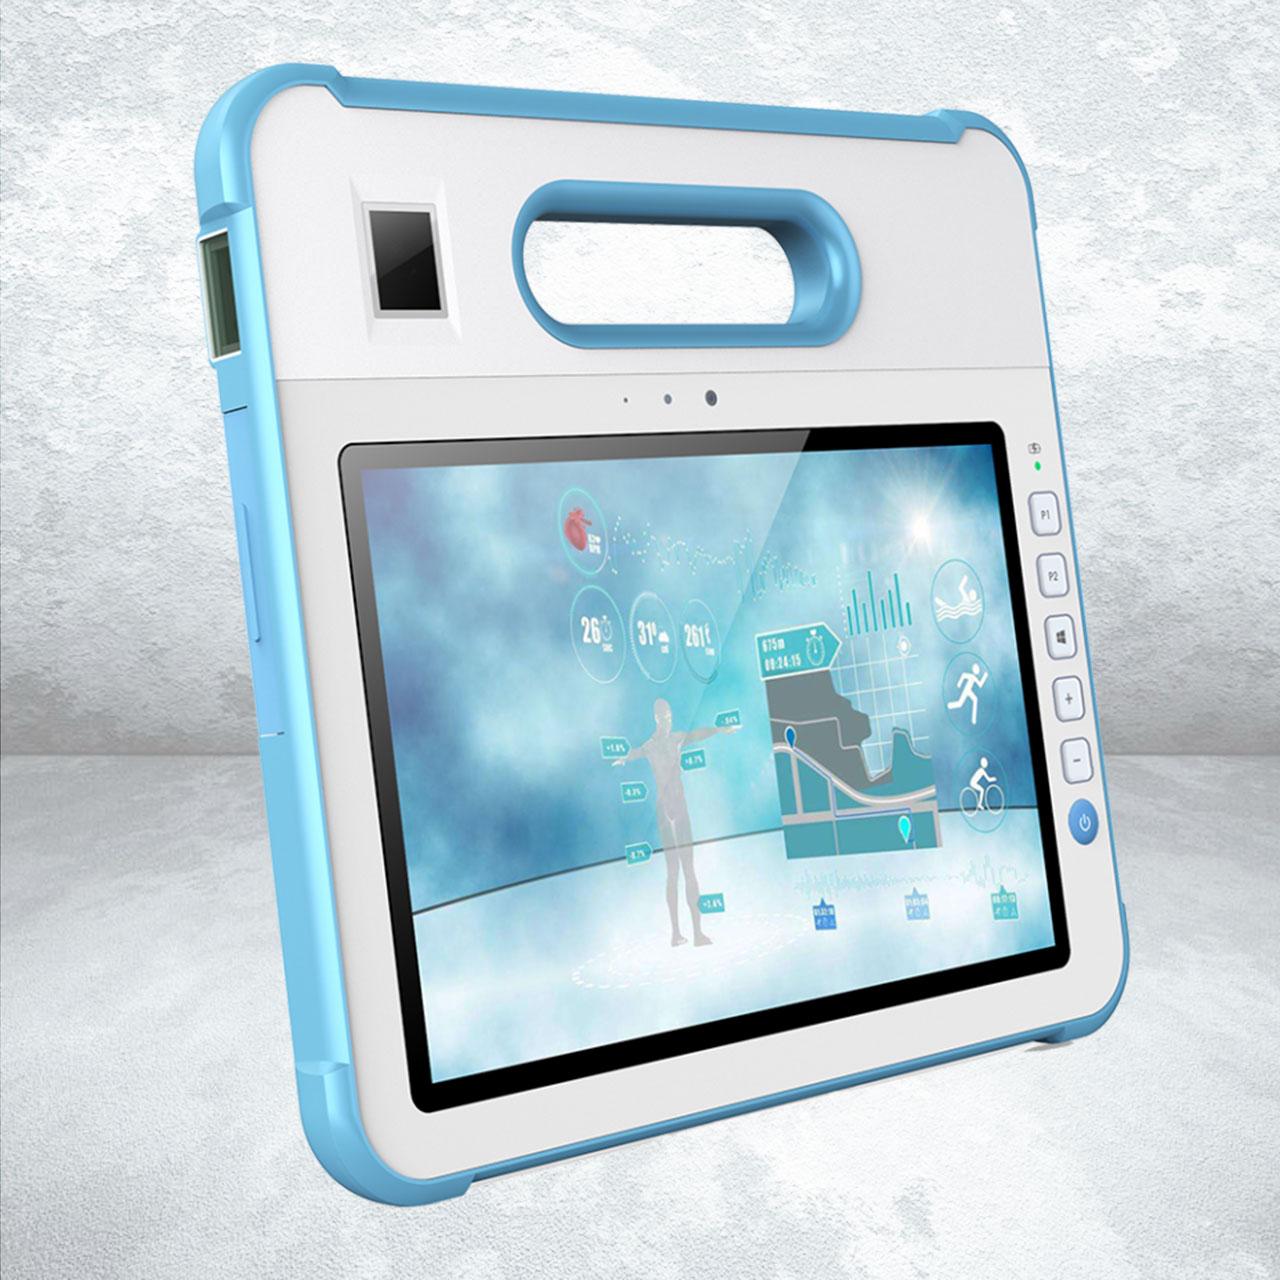 cwf10 tablet